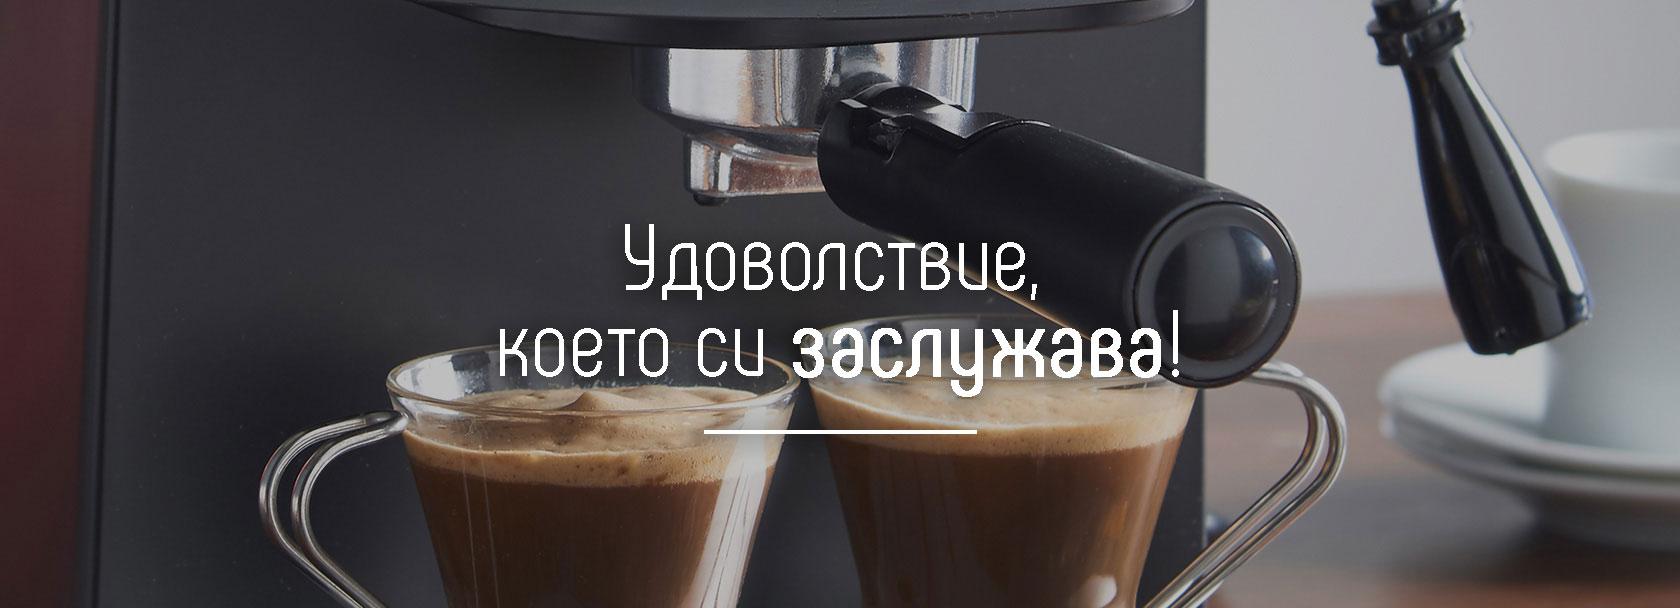 Еспресо машина ZEPHYR за кафе със страхотен вкус!